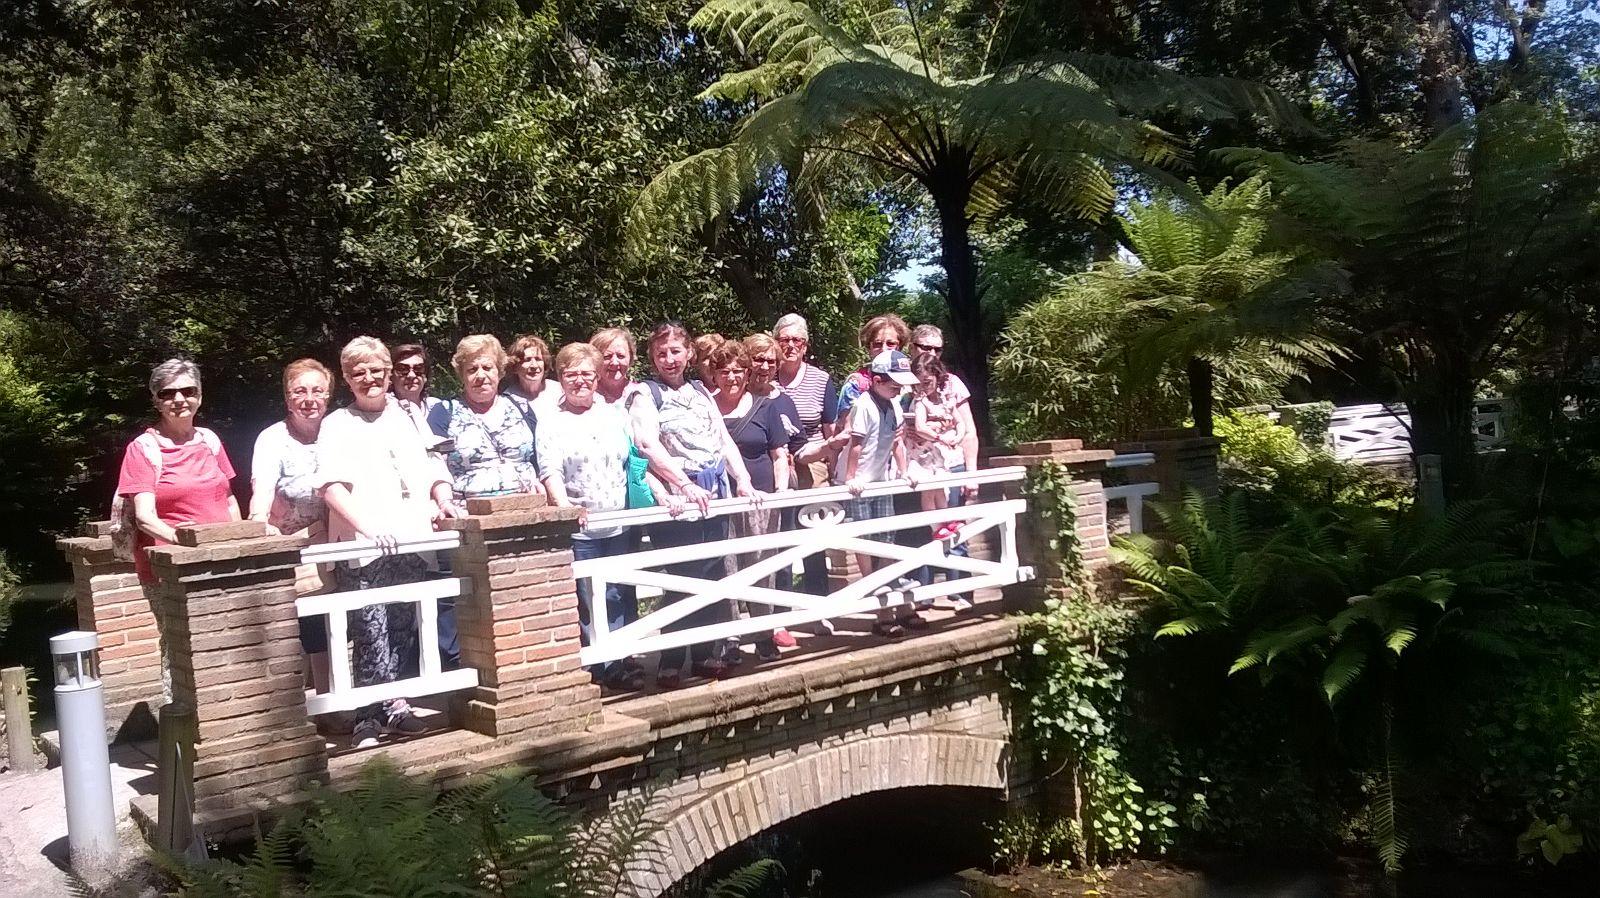 Casa de encuentro de las mujeres de carre o visita al for Como ir al jardin botanico